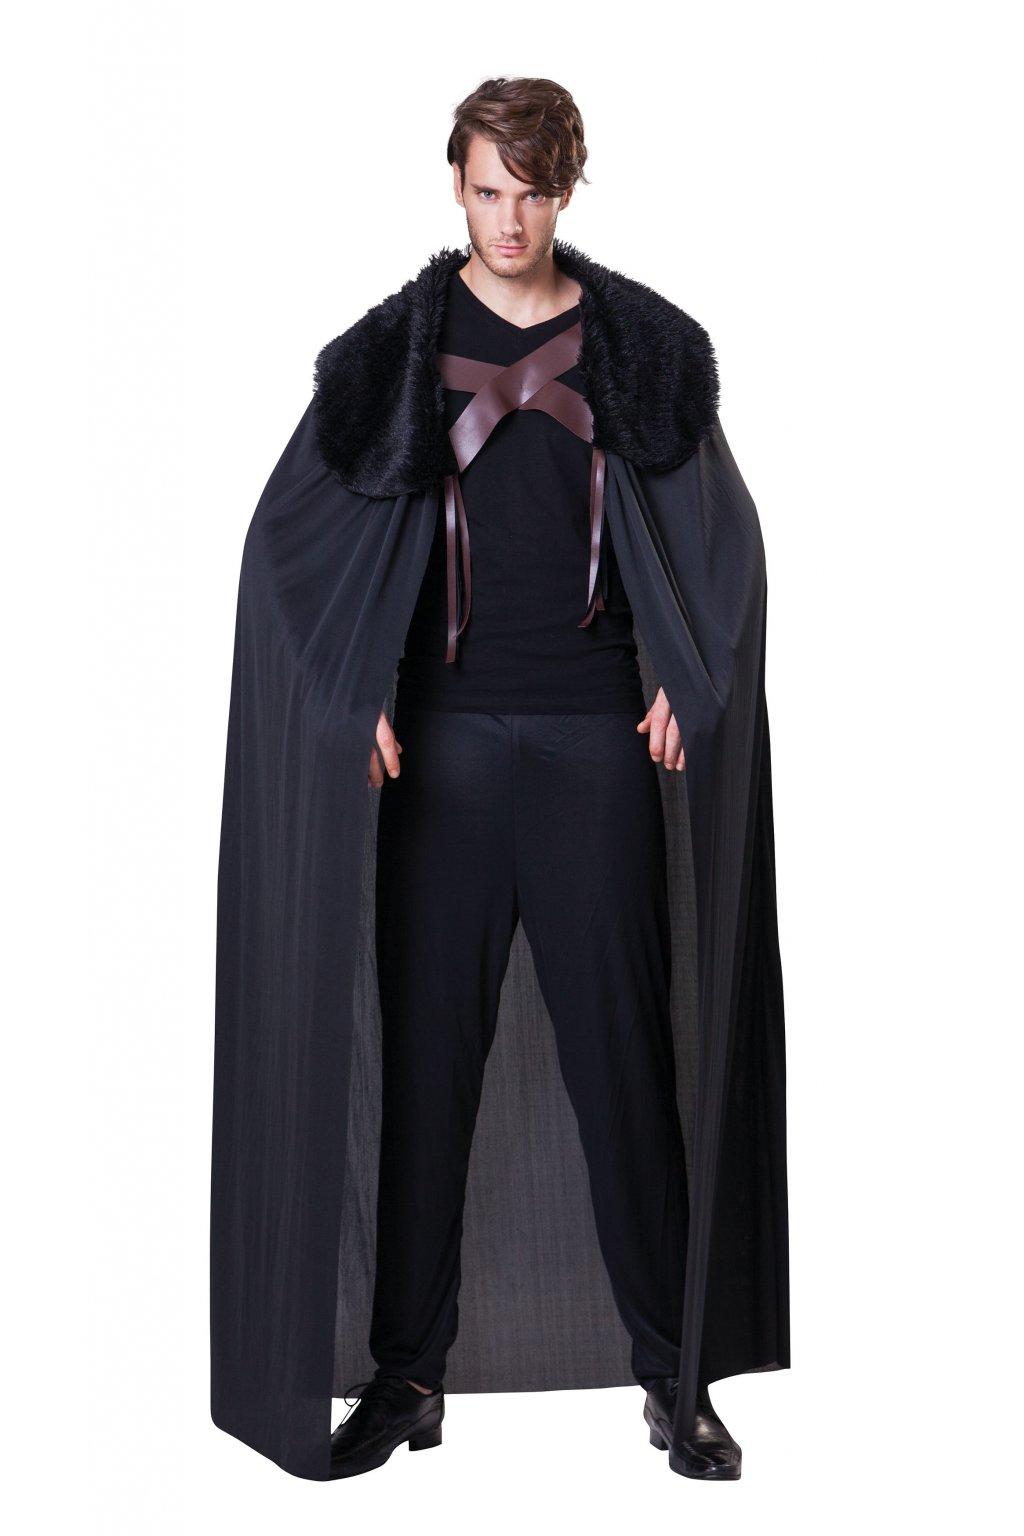 Černý plášt s kožešinovým límcem - hra o trůny